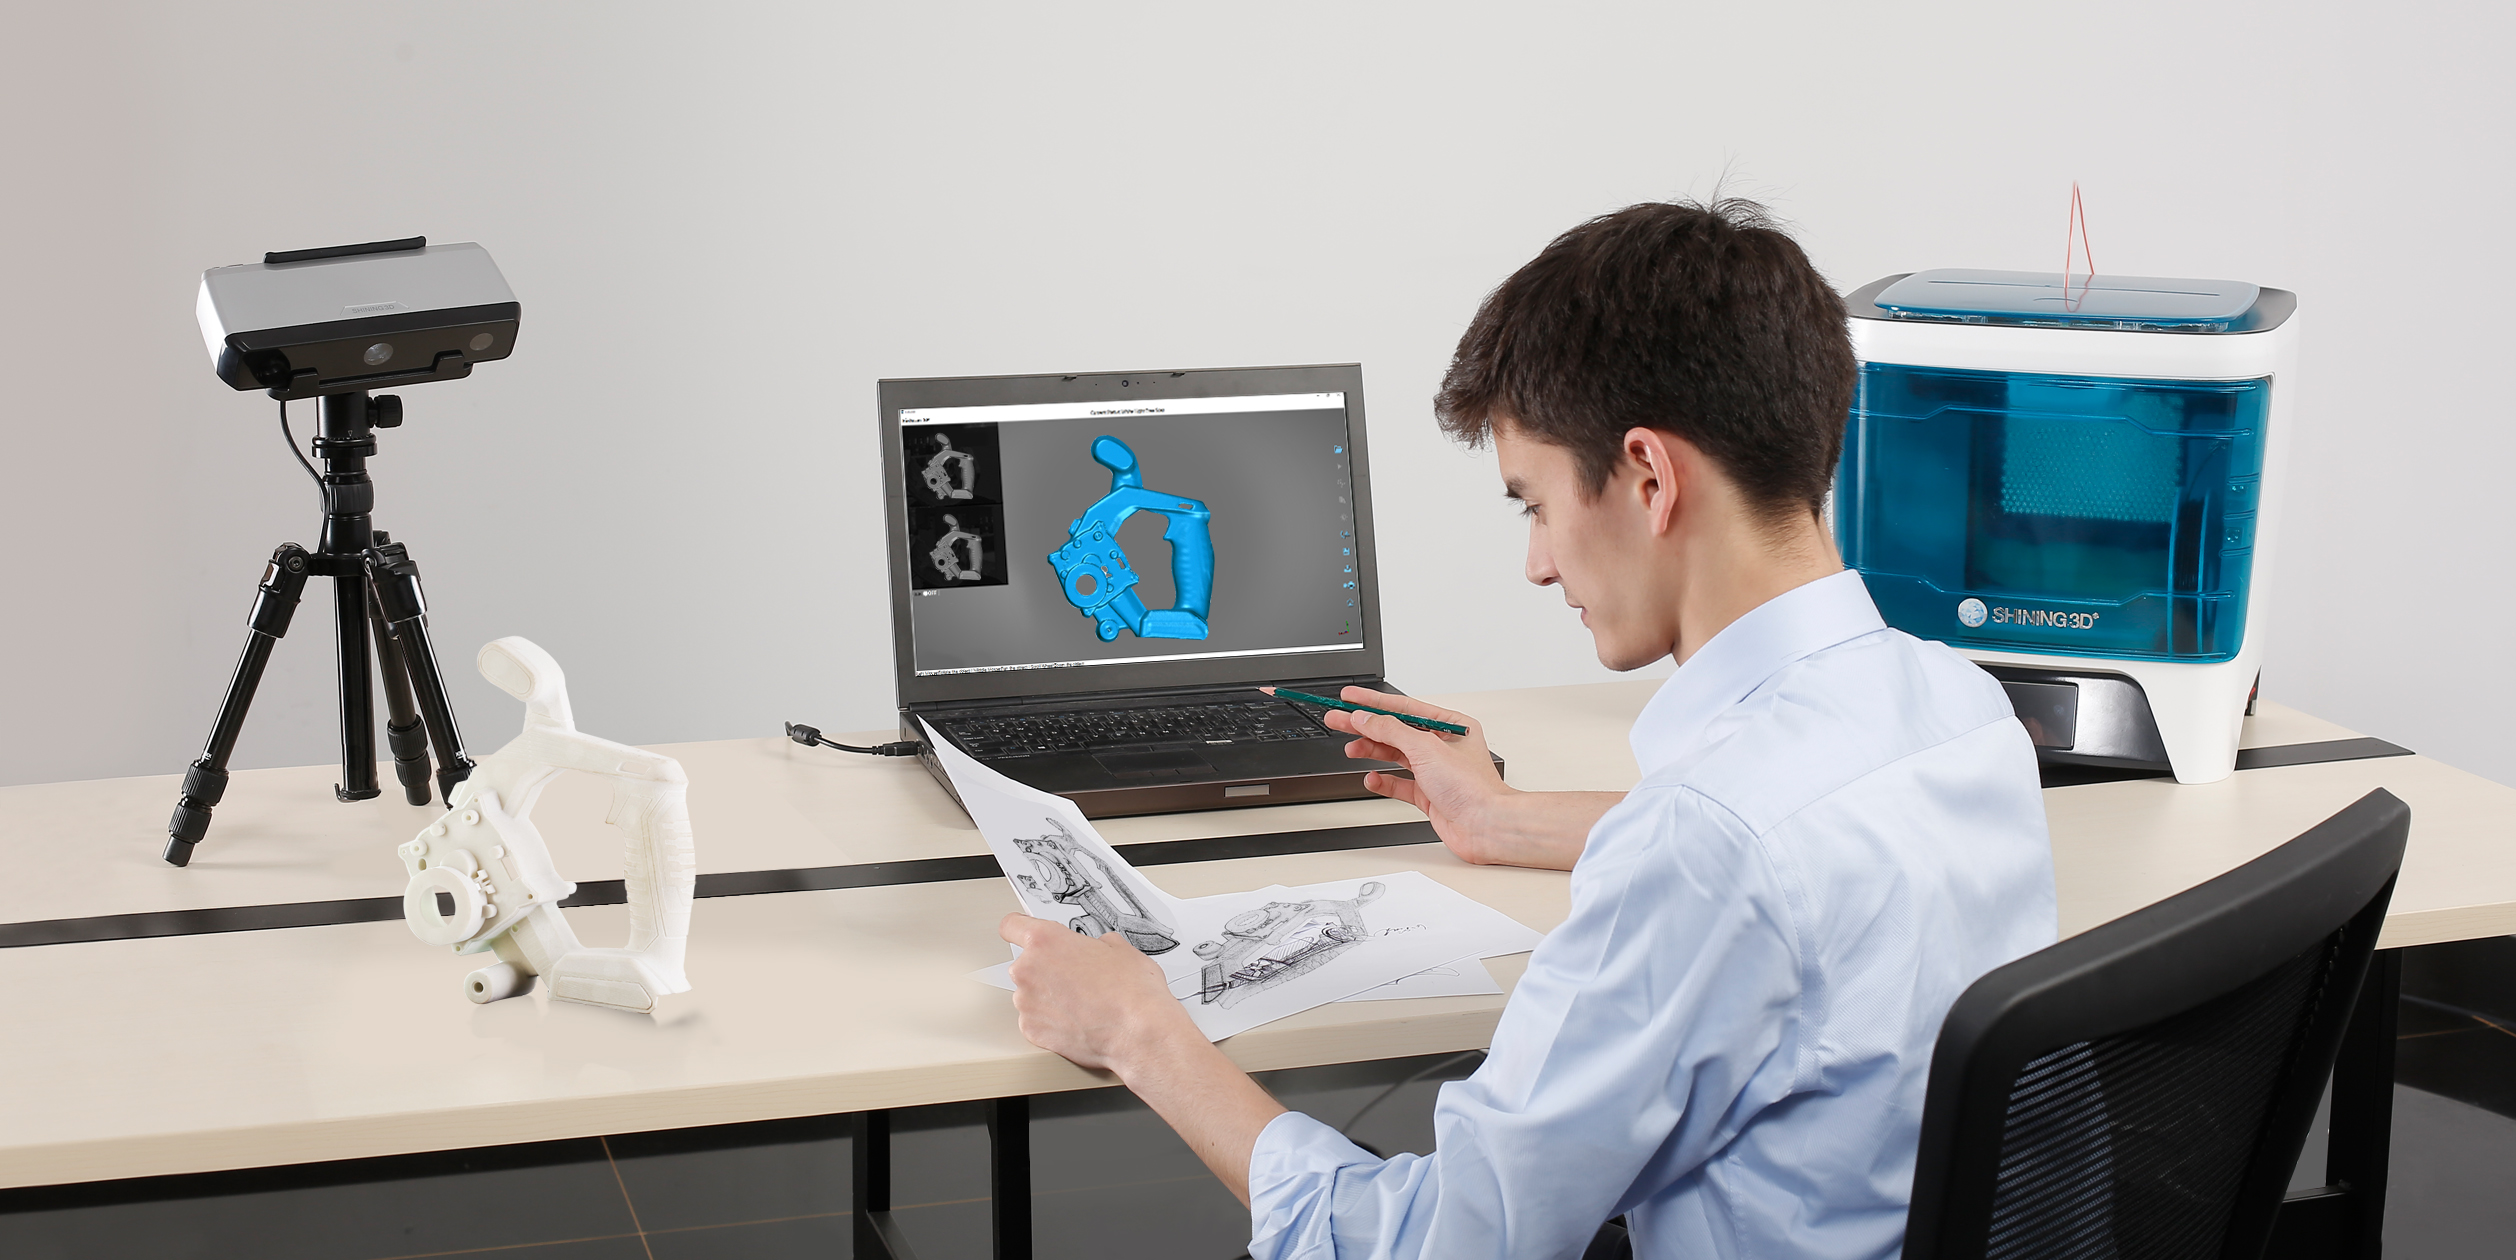 اسکنر سه بعدی و مهندسی